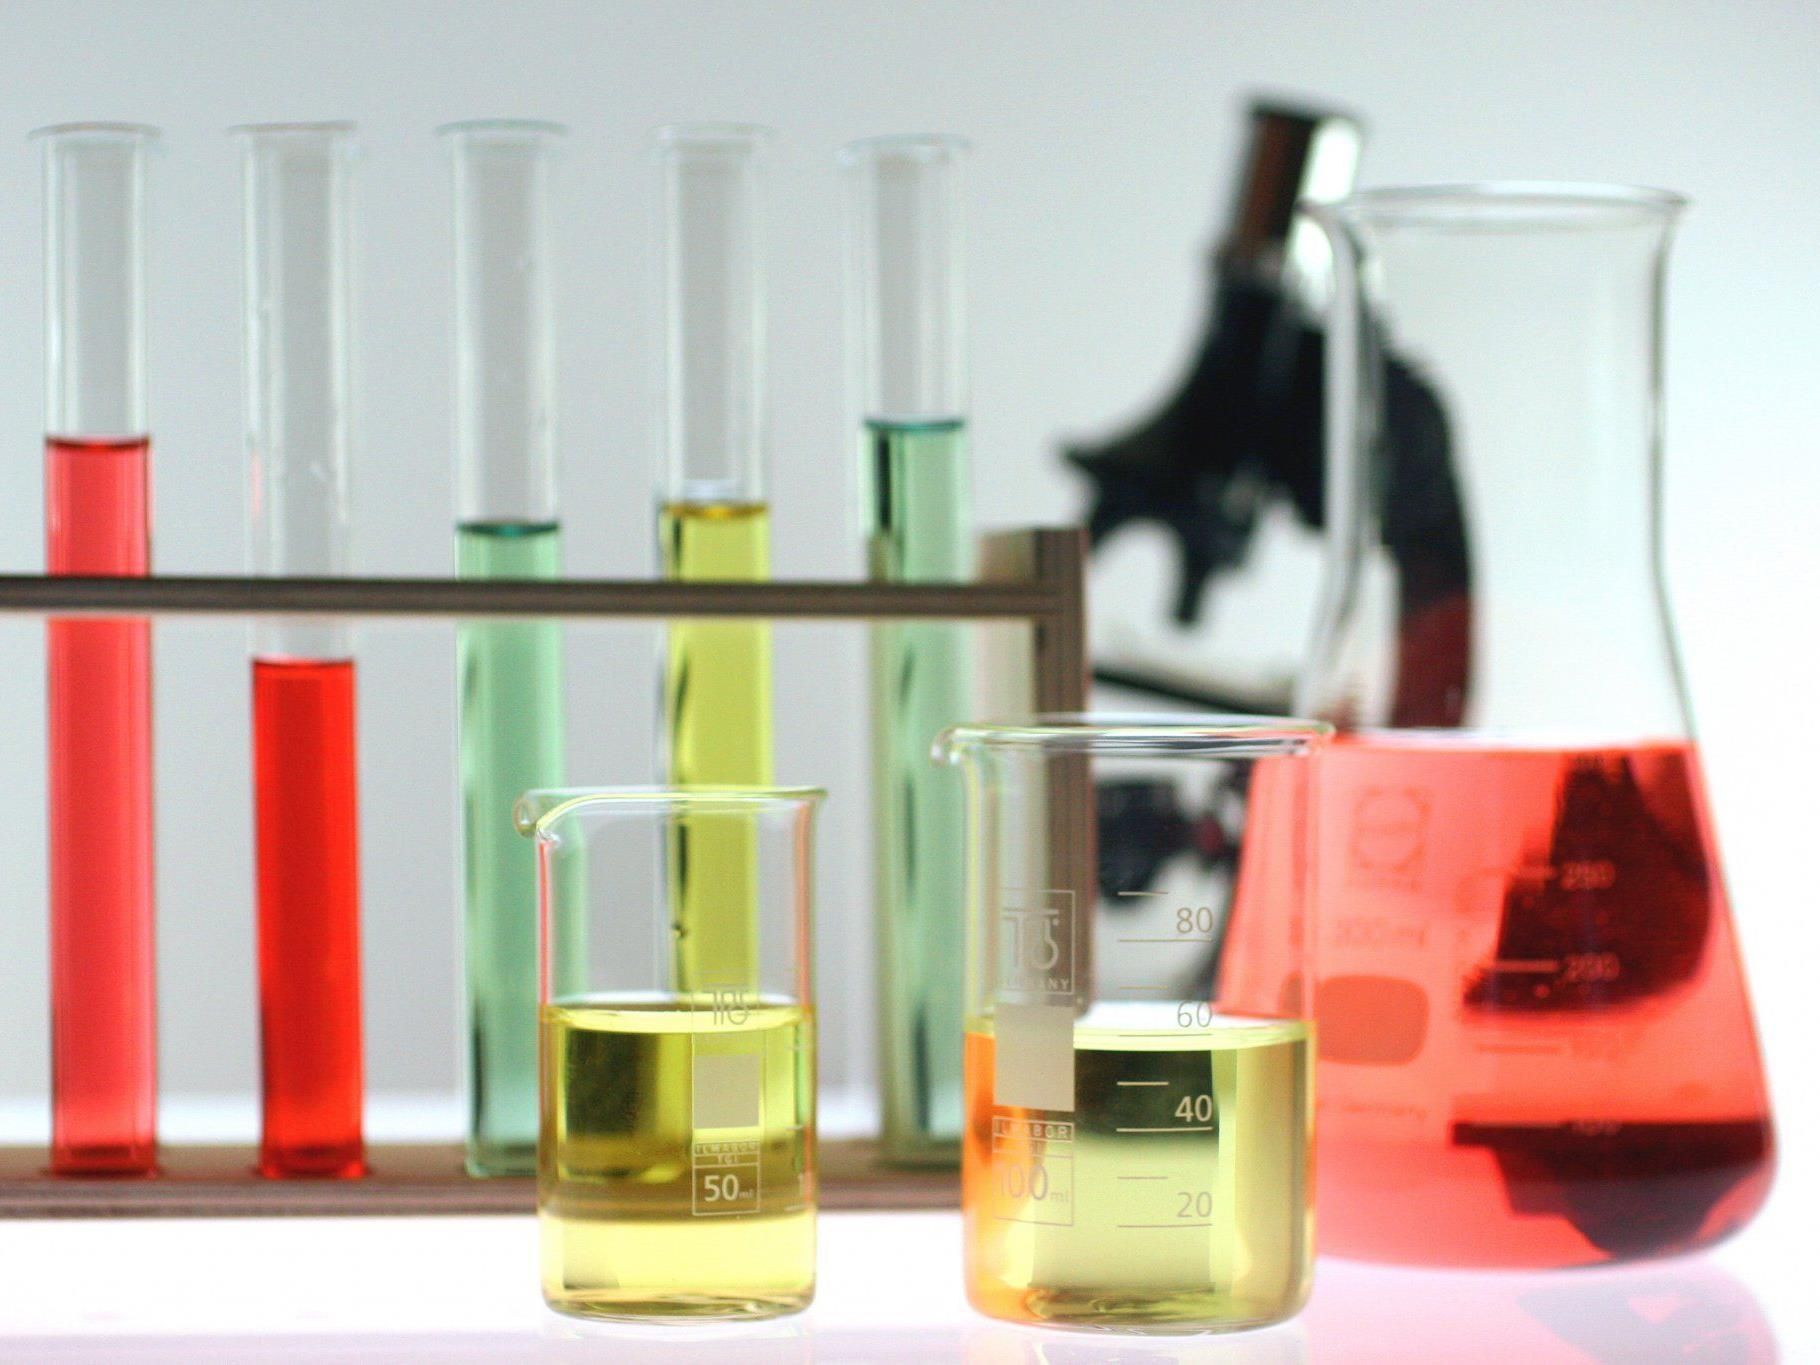 Abwehrzellen haben im Gegensatz zu Arzneimitteln einen Mehrfacheffekt.